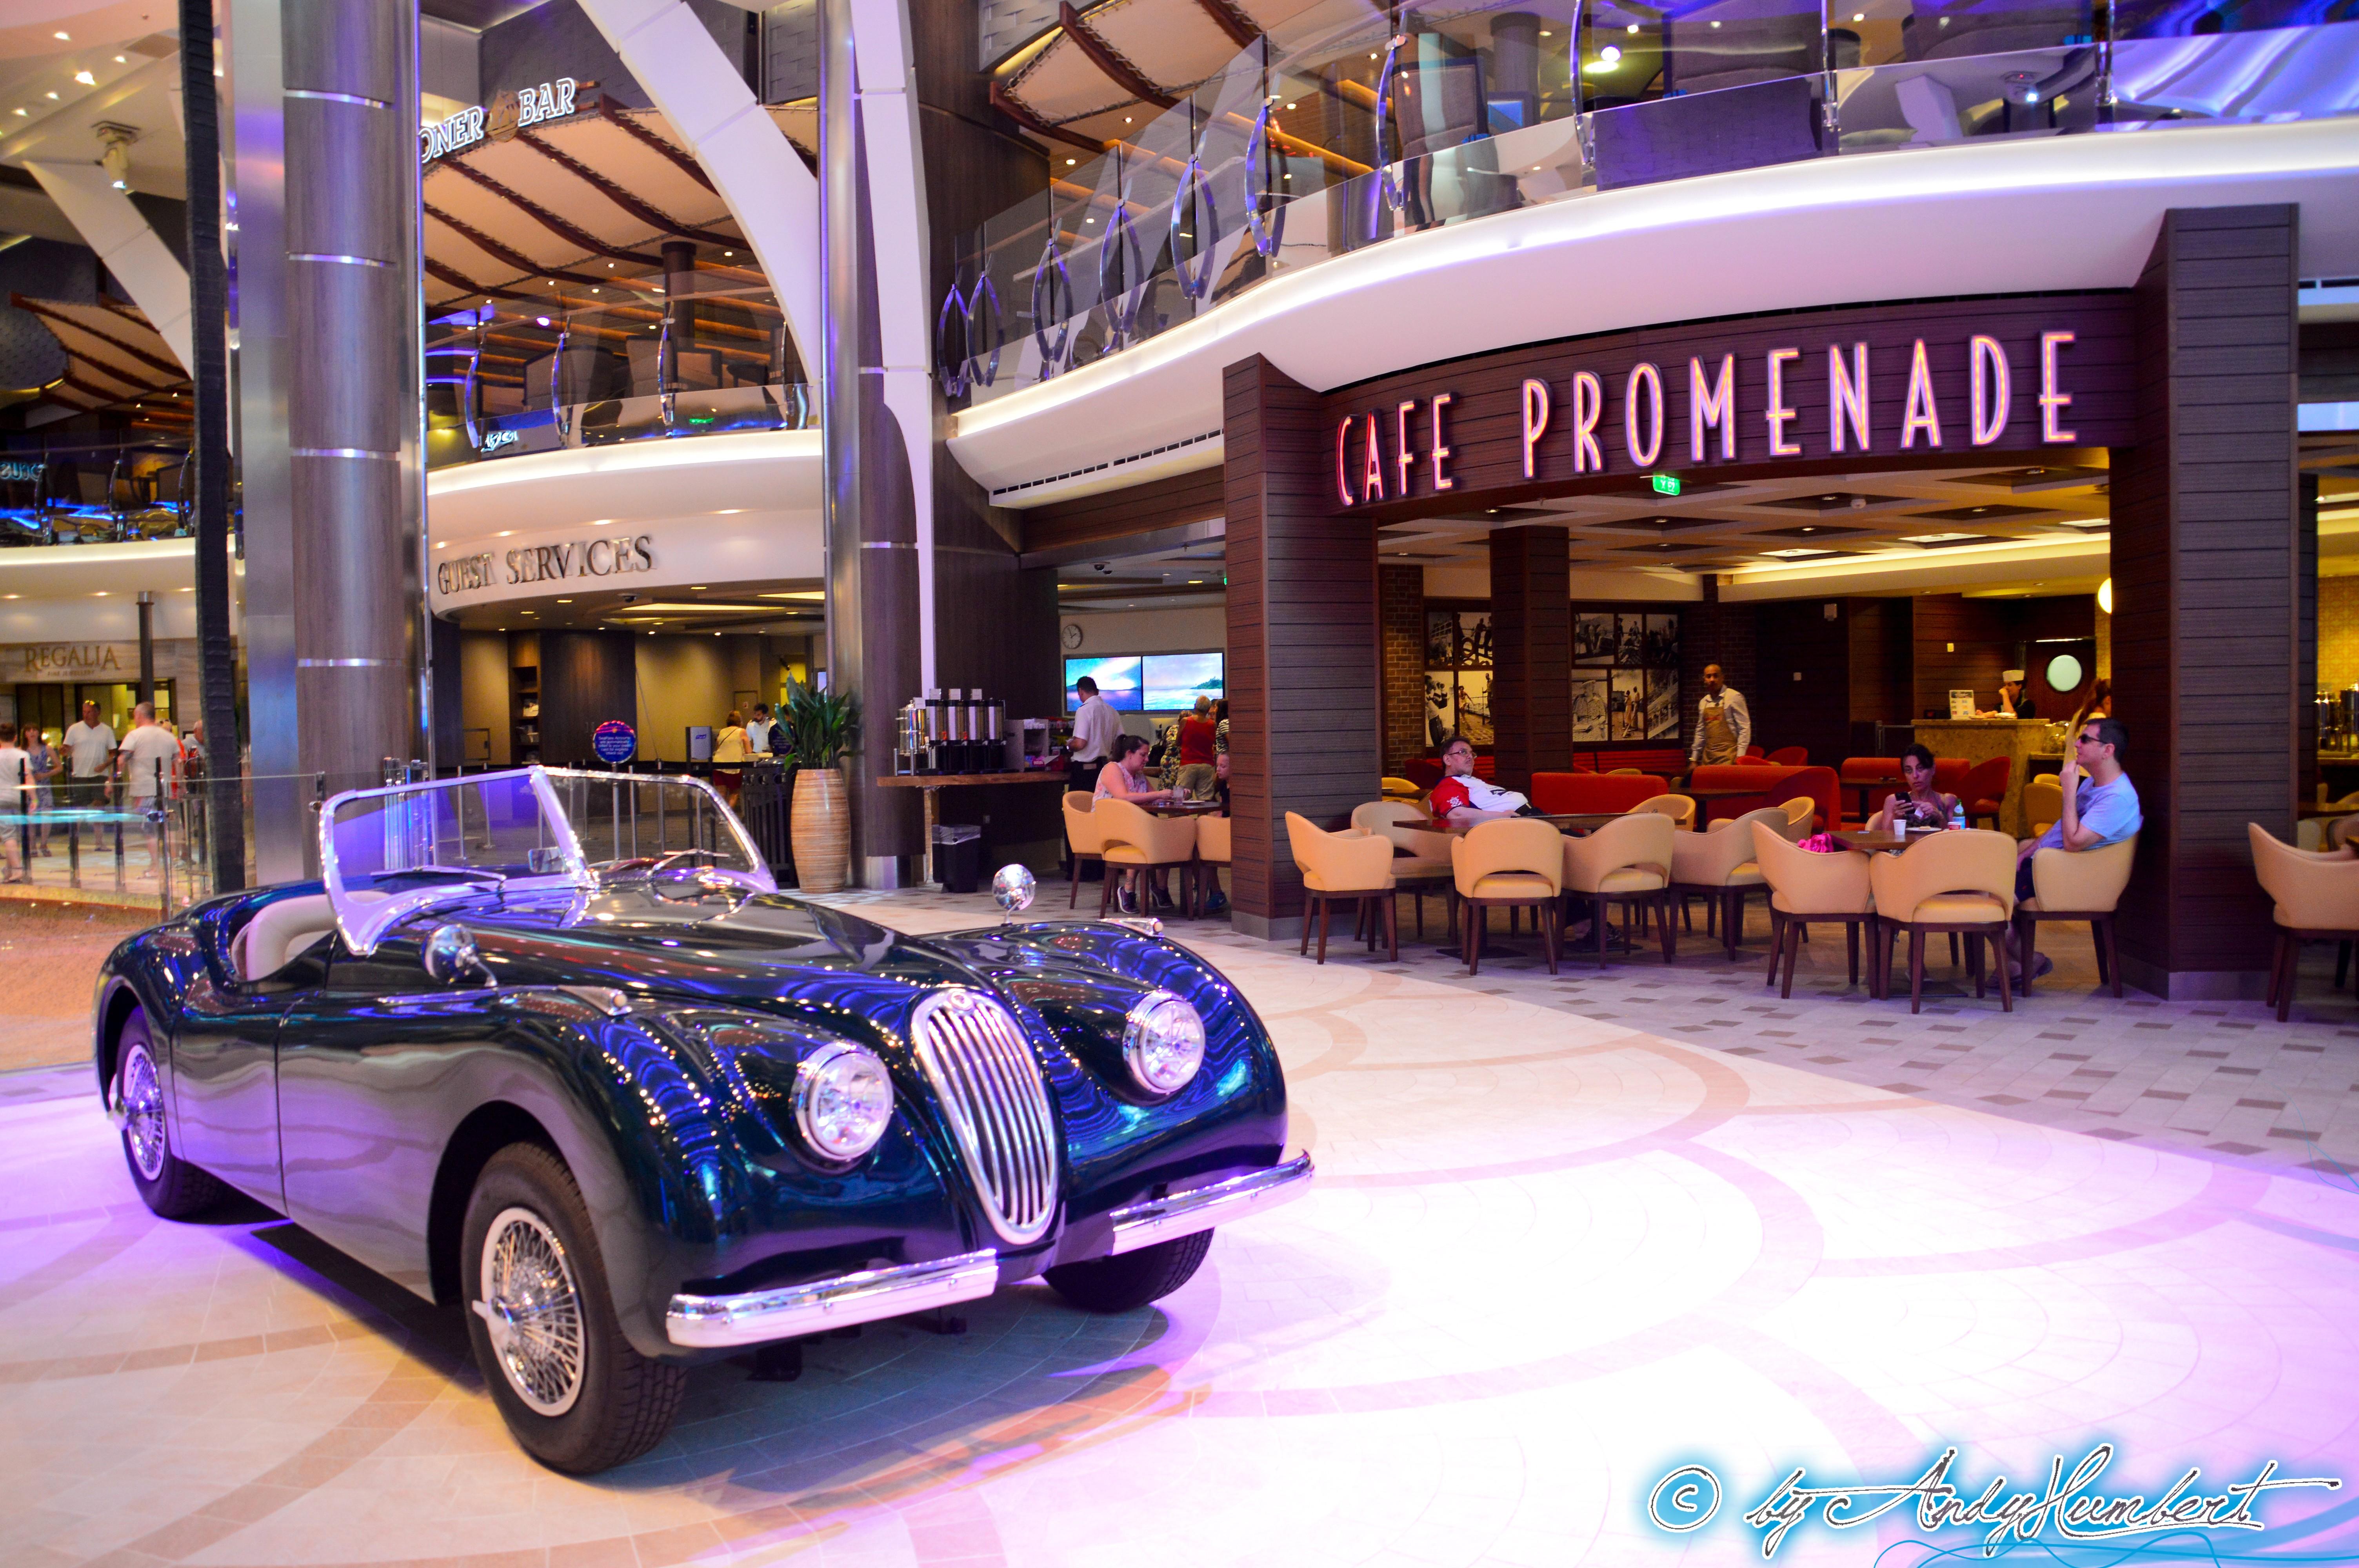 Café Promenade (pont 5)